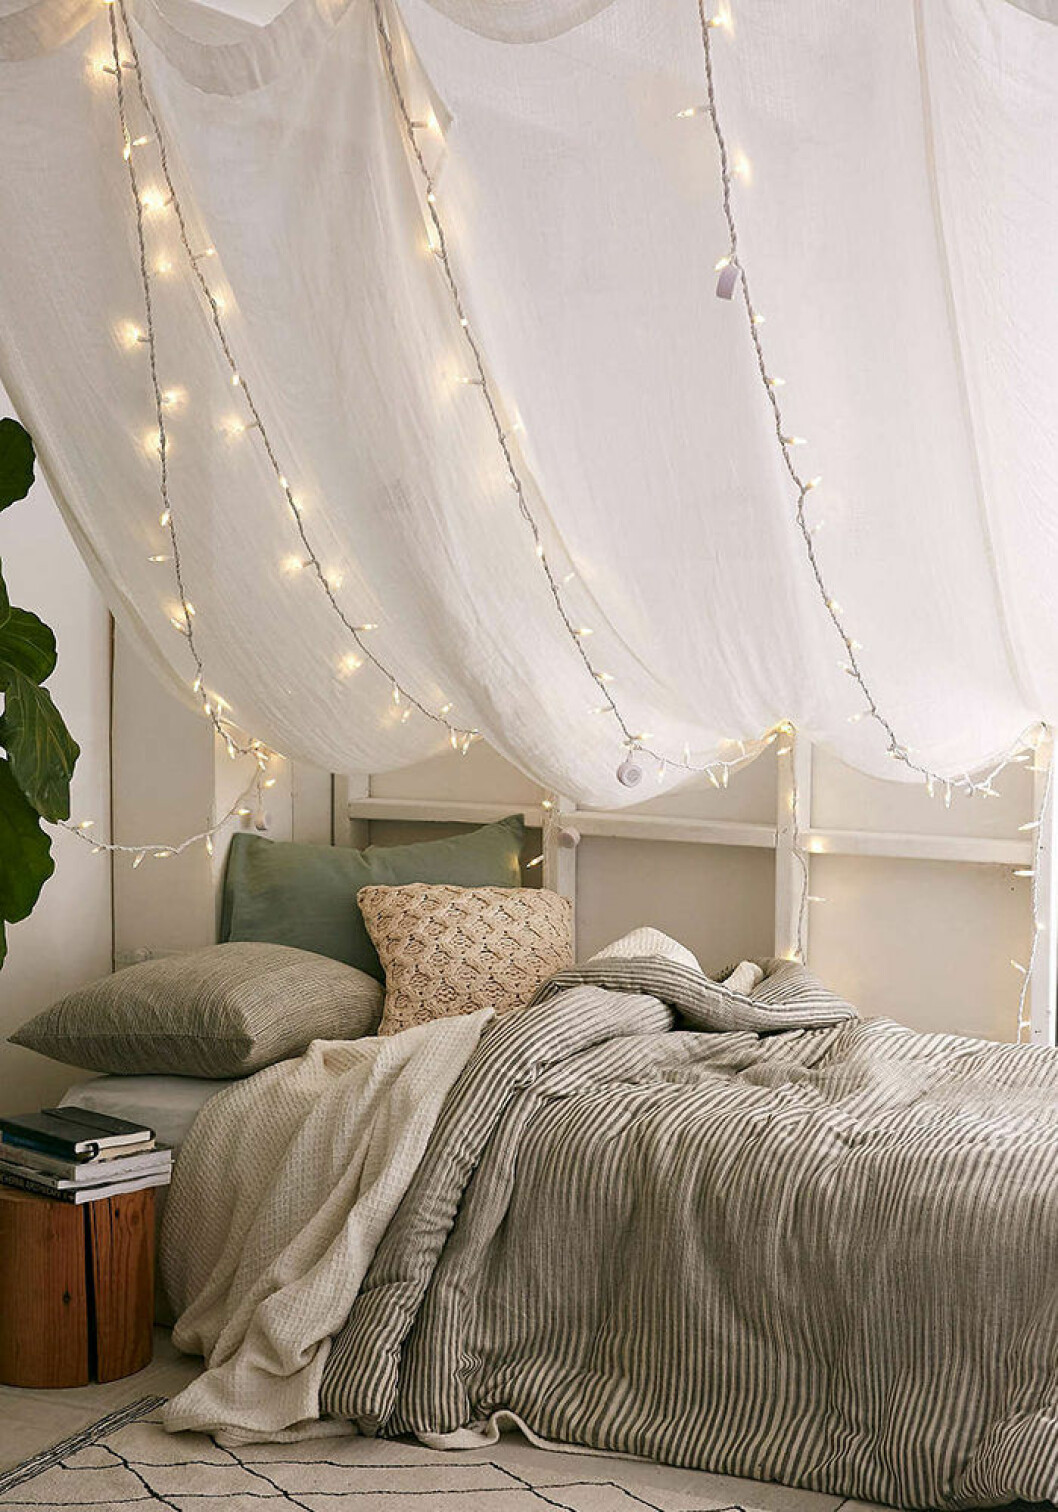 Sänghimmel med belysning